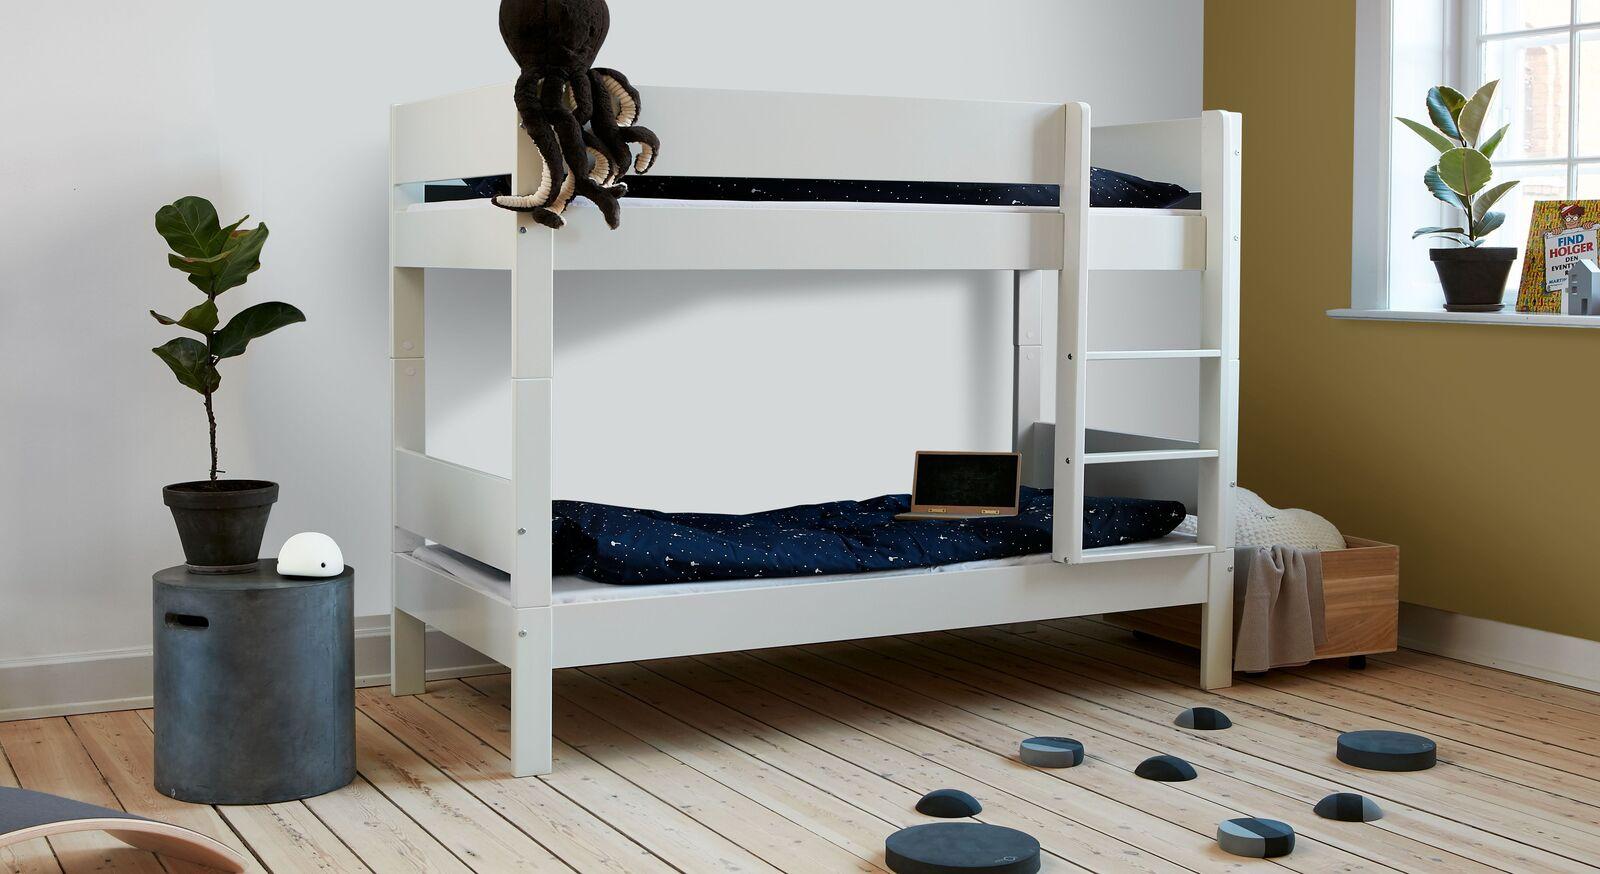 Praktisches Etagenbett fürs Kinderzimmer